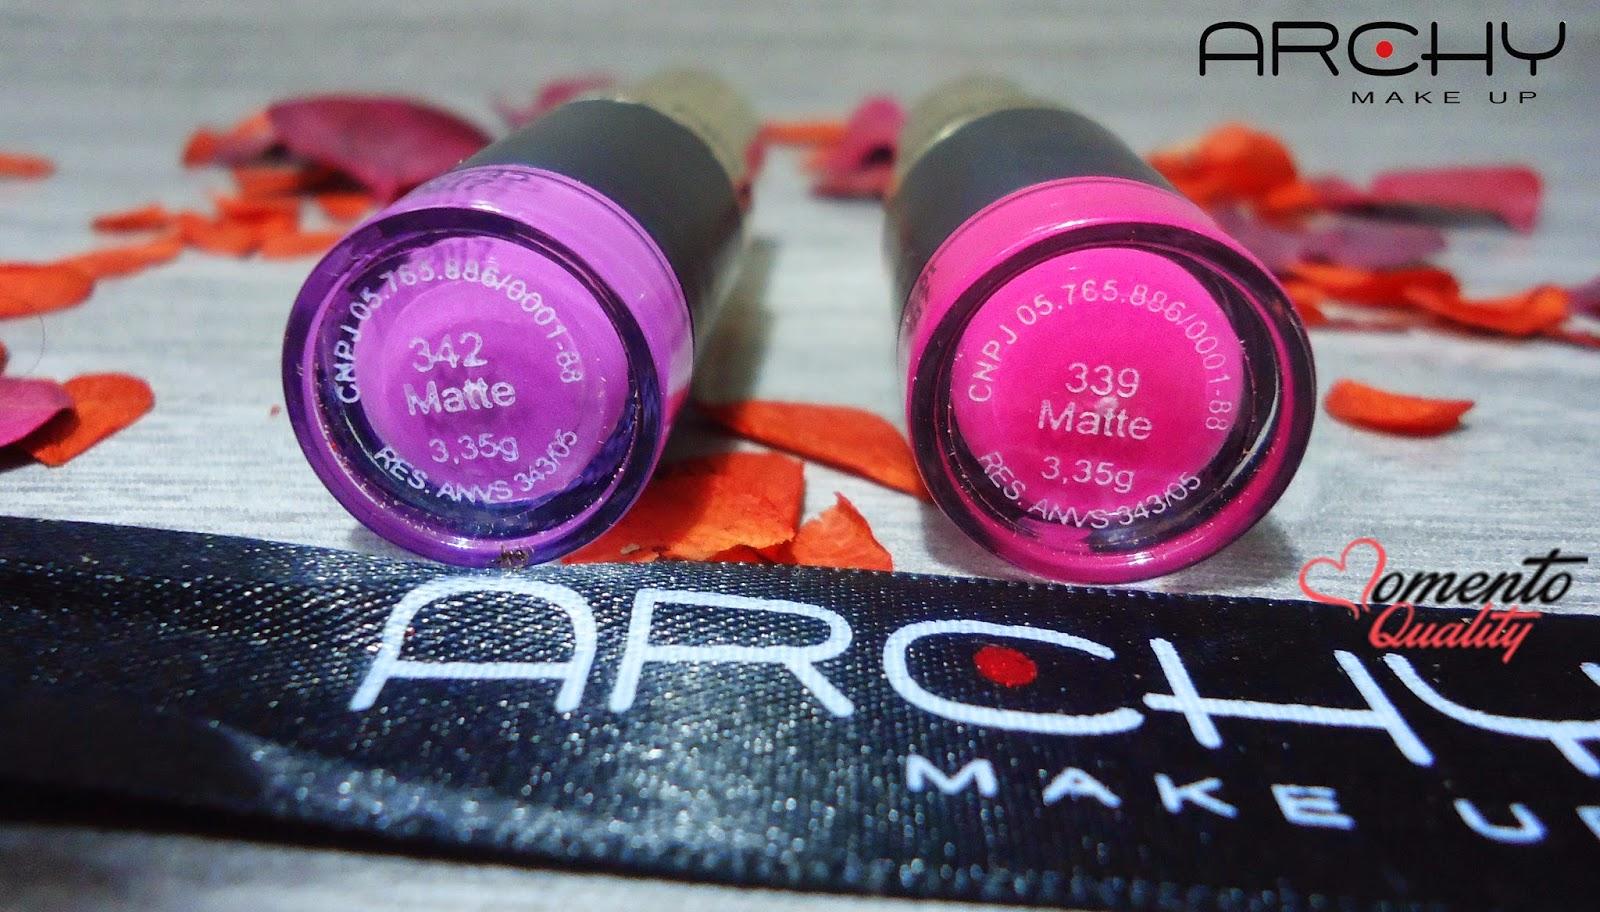 Batom Archy Make Up 342 e 339 Momento Quality